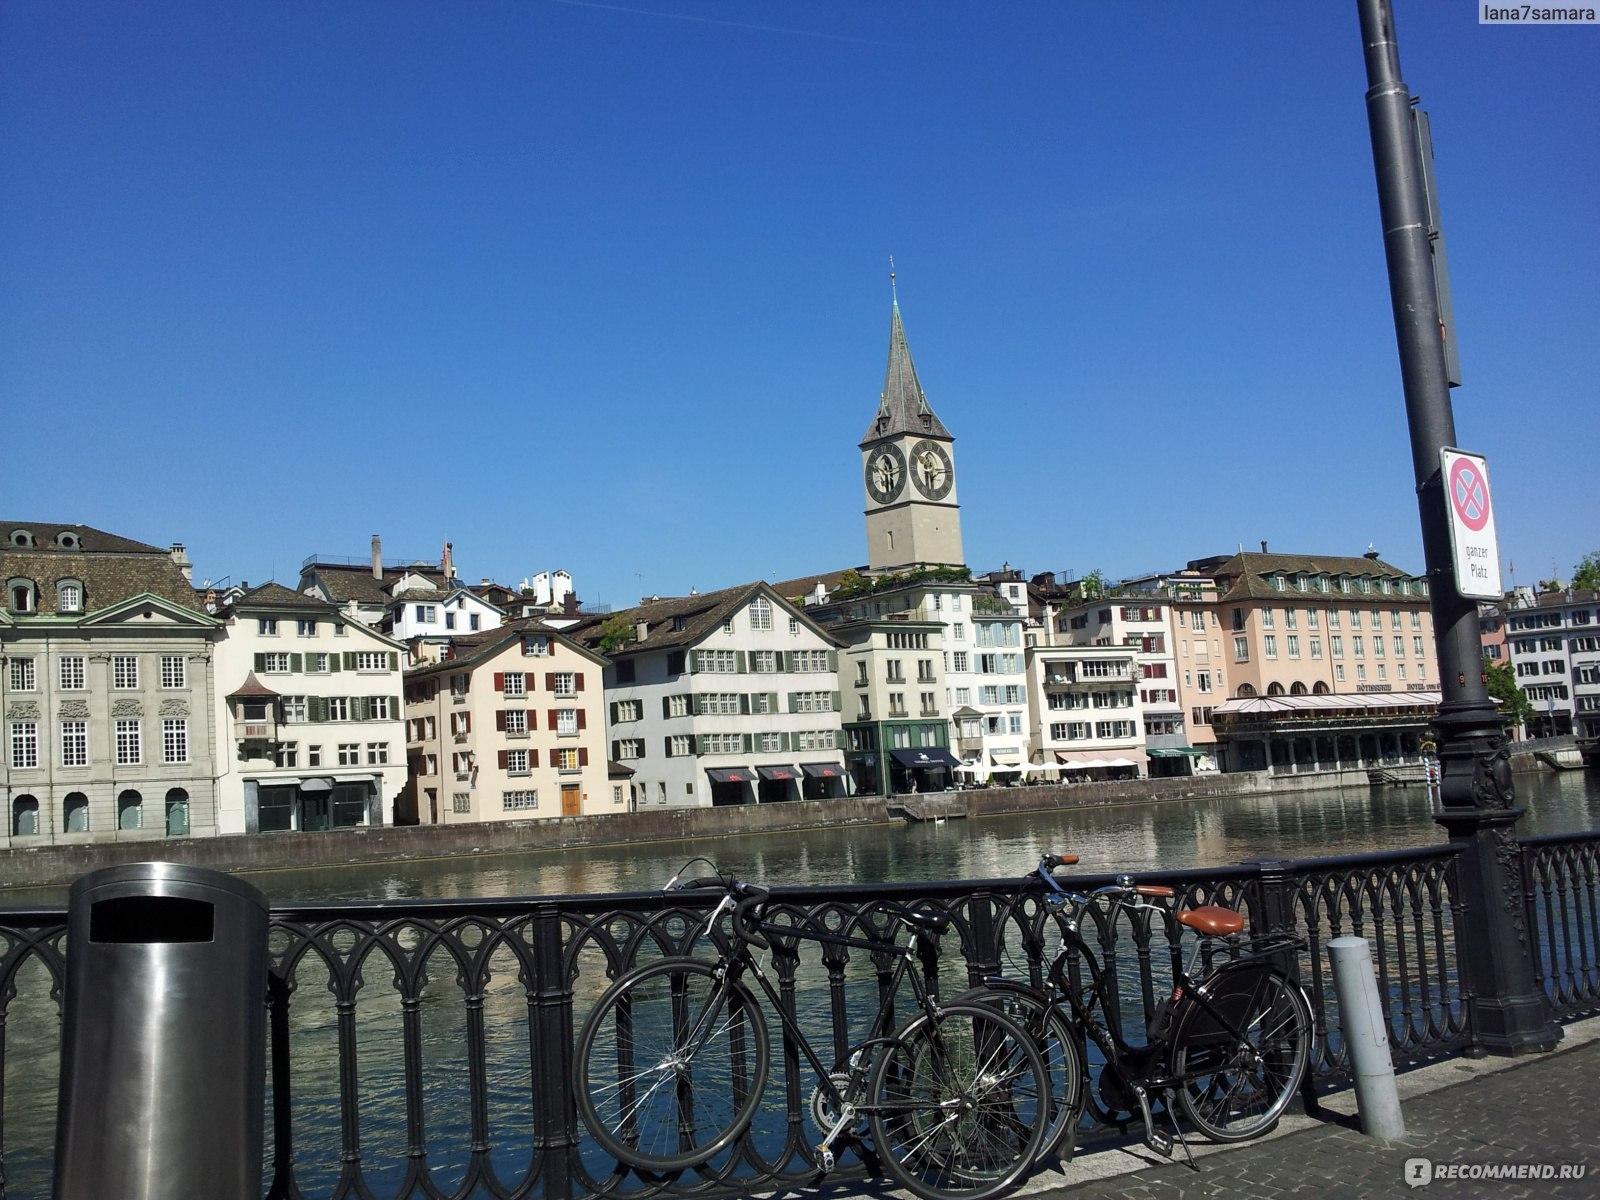 Обои швейцария, Switzerland, здания, крыши, Цюрих, дома. Города foto 19